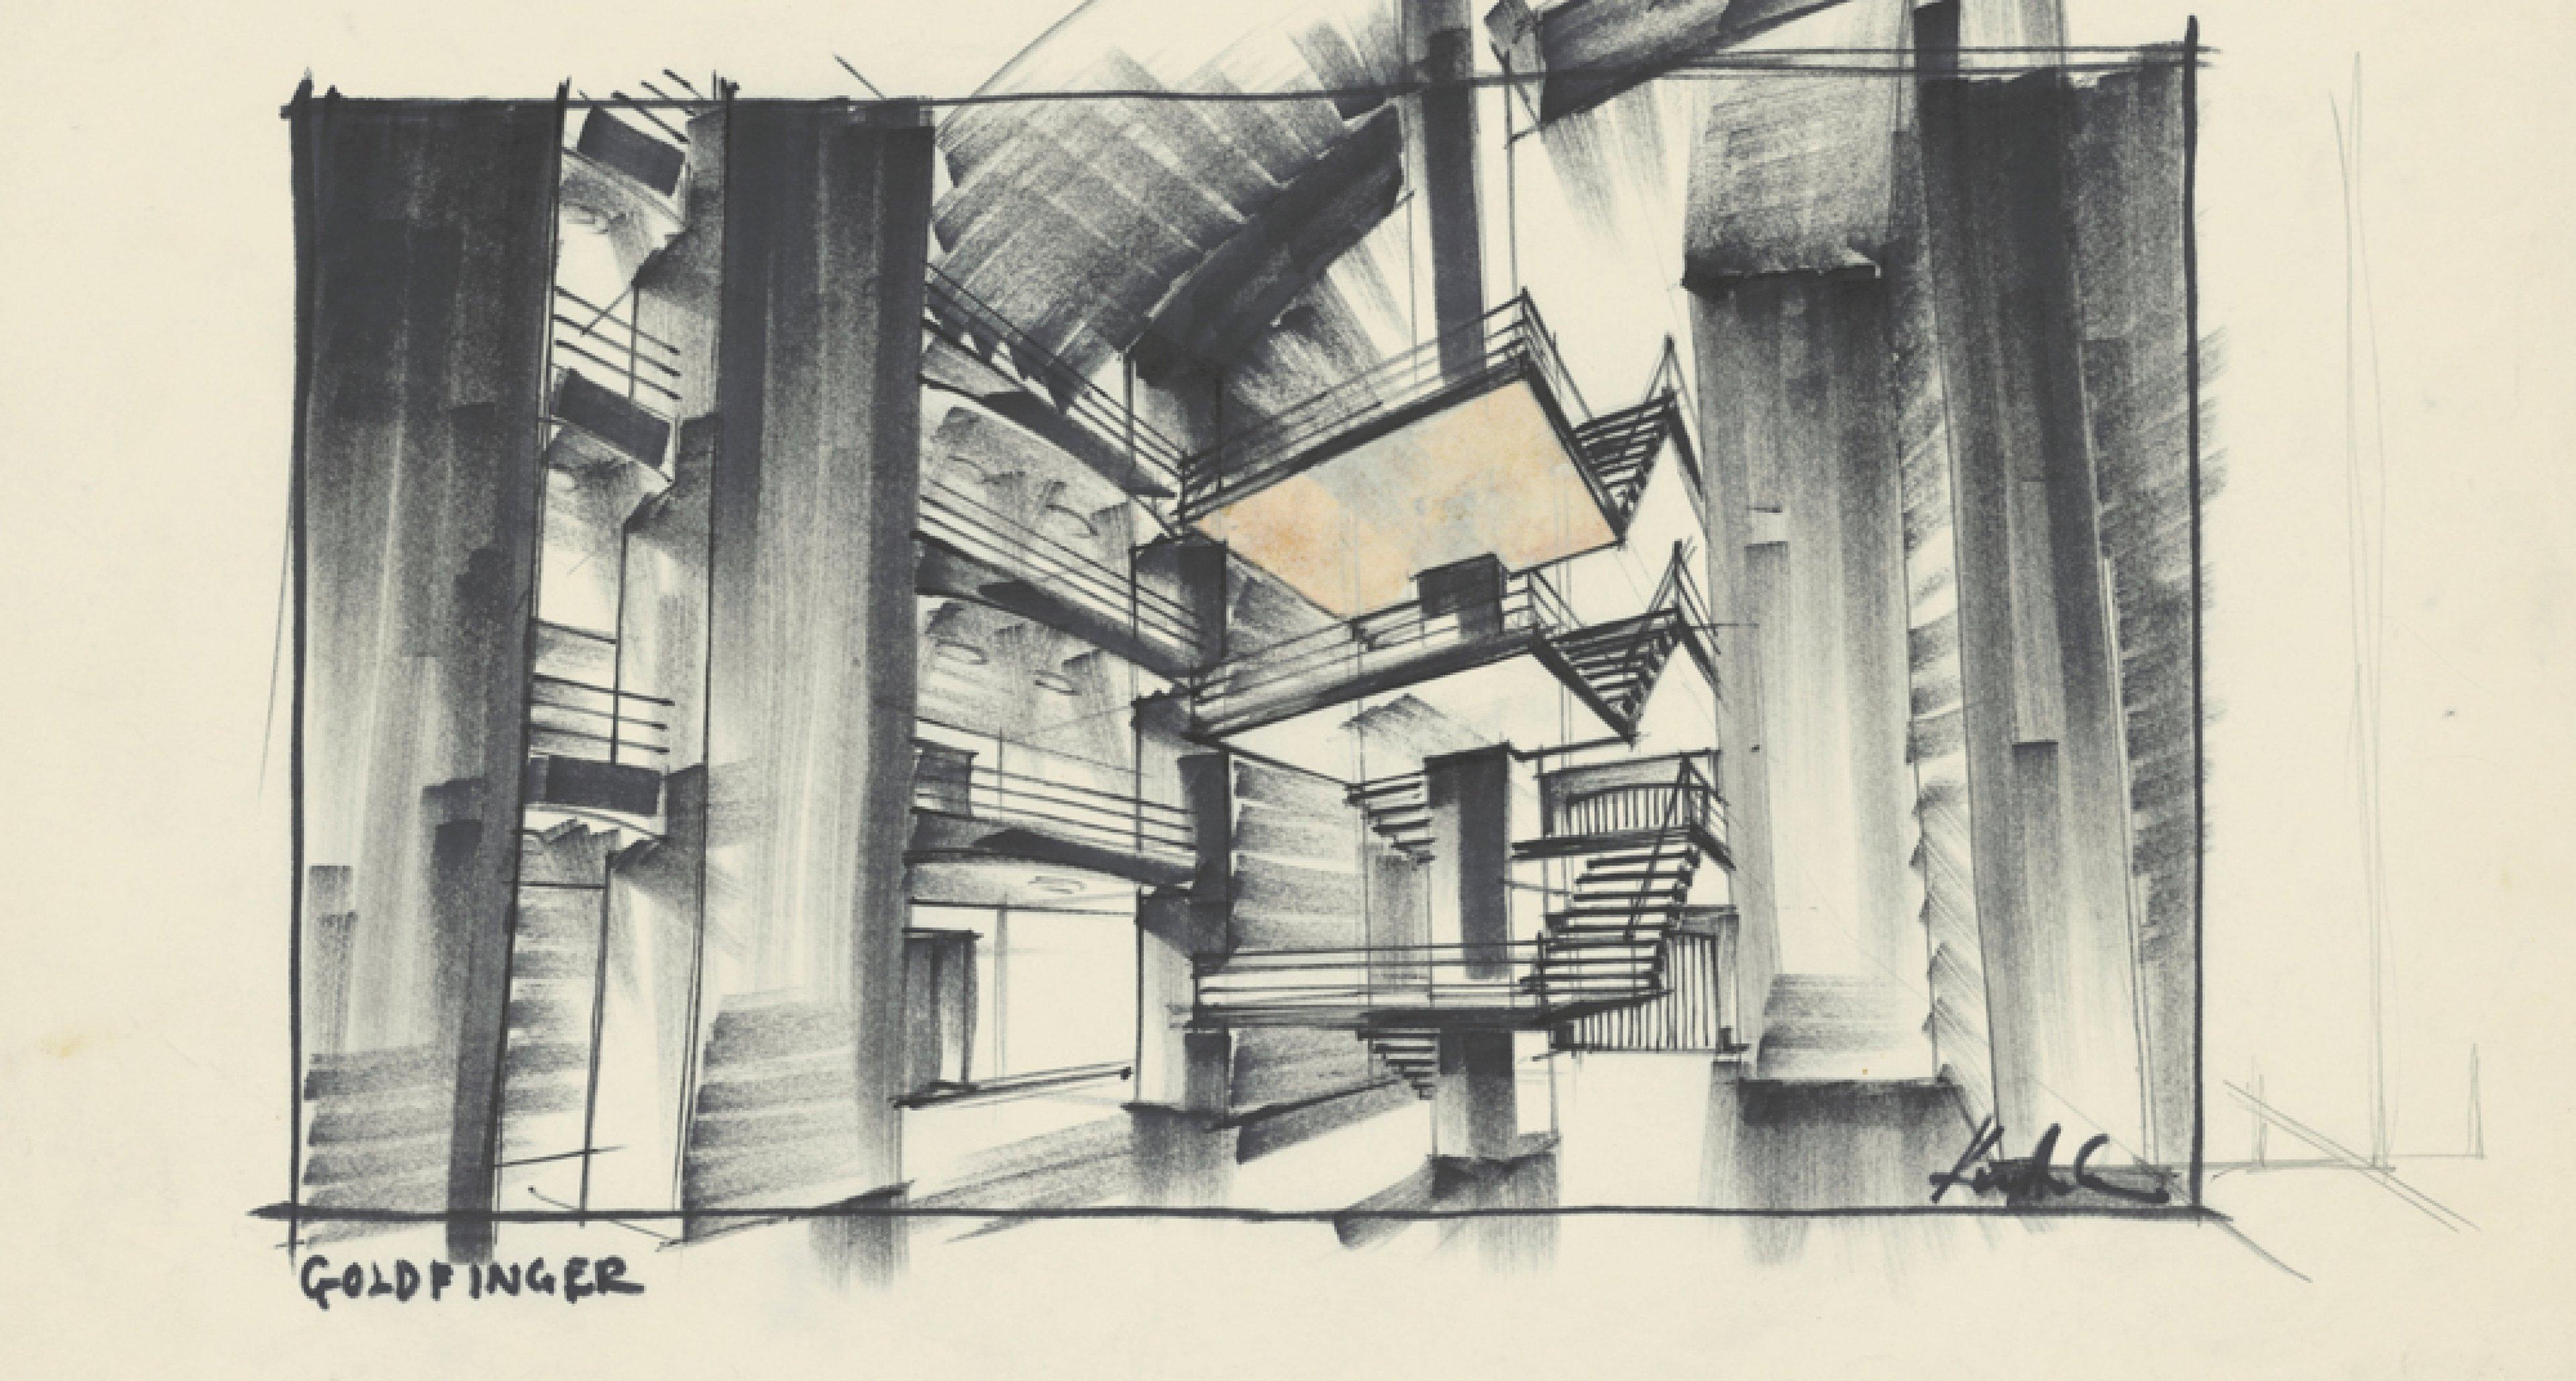 """Entwurf """"Fort Knox"""" für GOLDFINGER GB/USA 1964, Regie: Guy Hamilton © Sir Ken Adam Quelle: Deutsche Kinemathek – Ken Adam Archiv"""